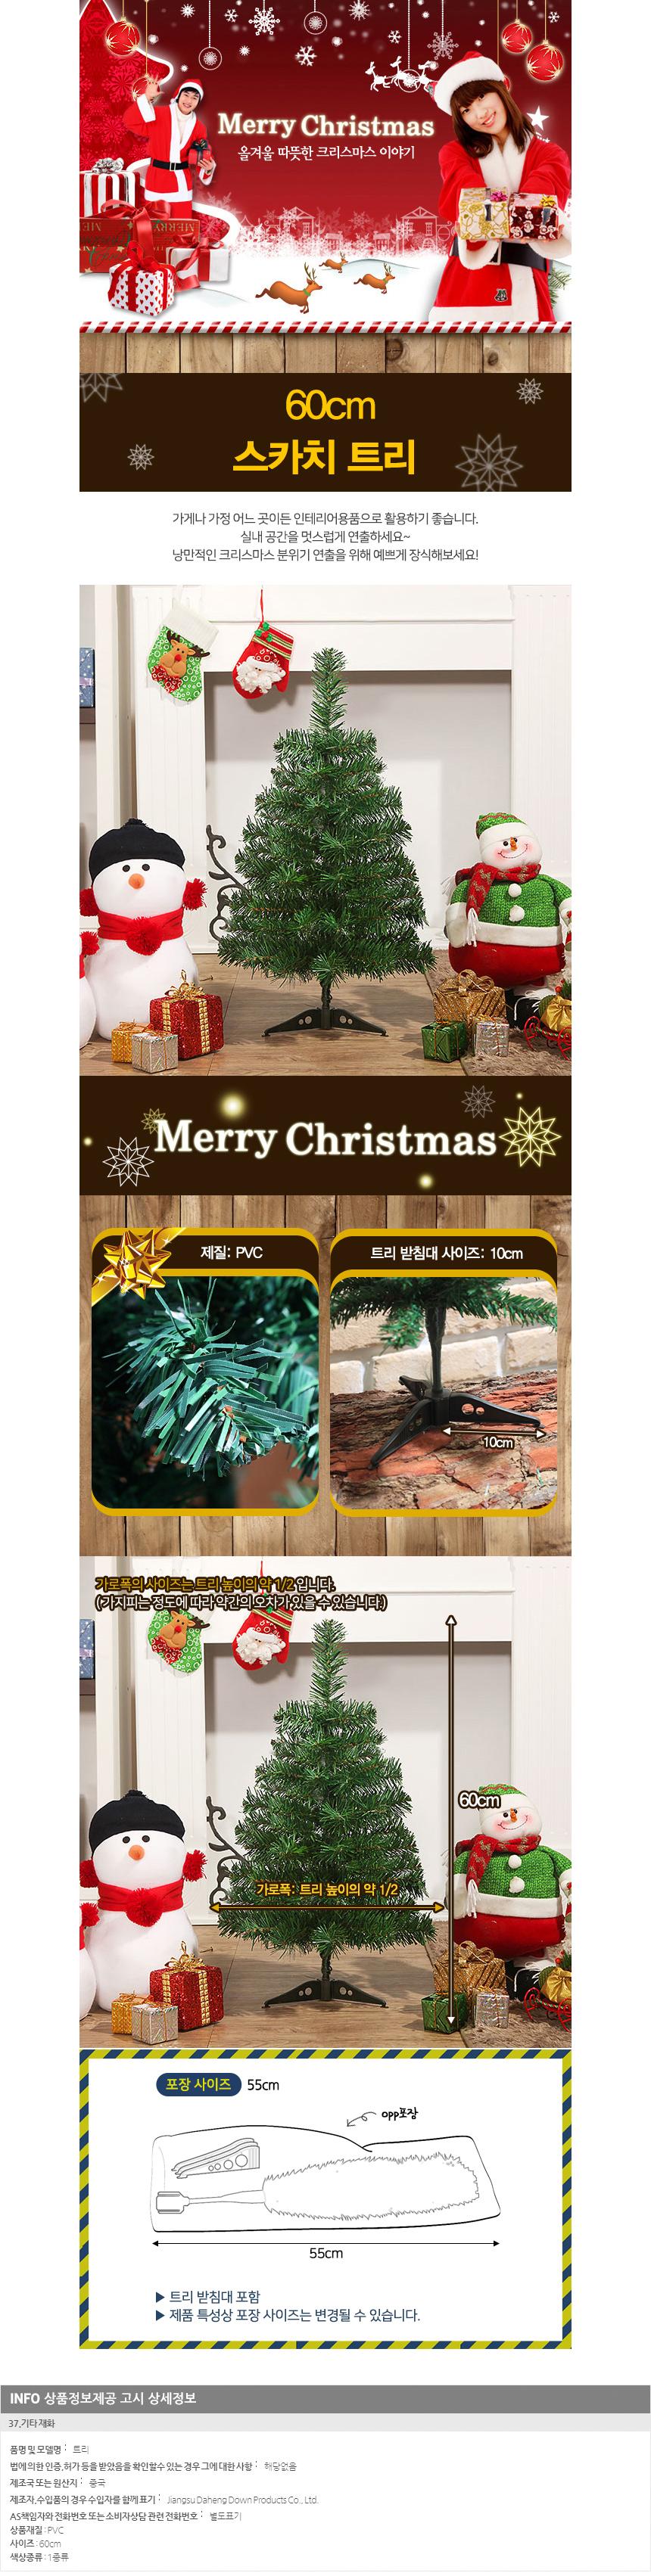 60cm 스카치 크리스마스트리 탁상트리 미니트리 - 기프트갓, 2,880원, 트리, 트리